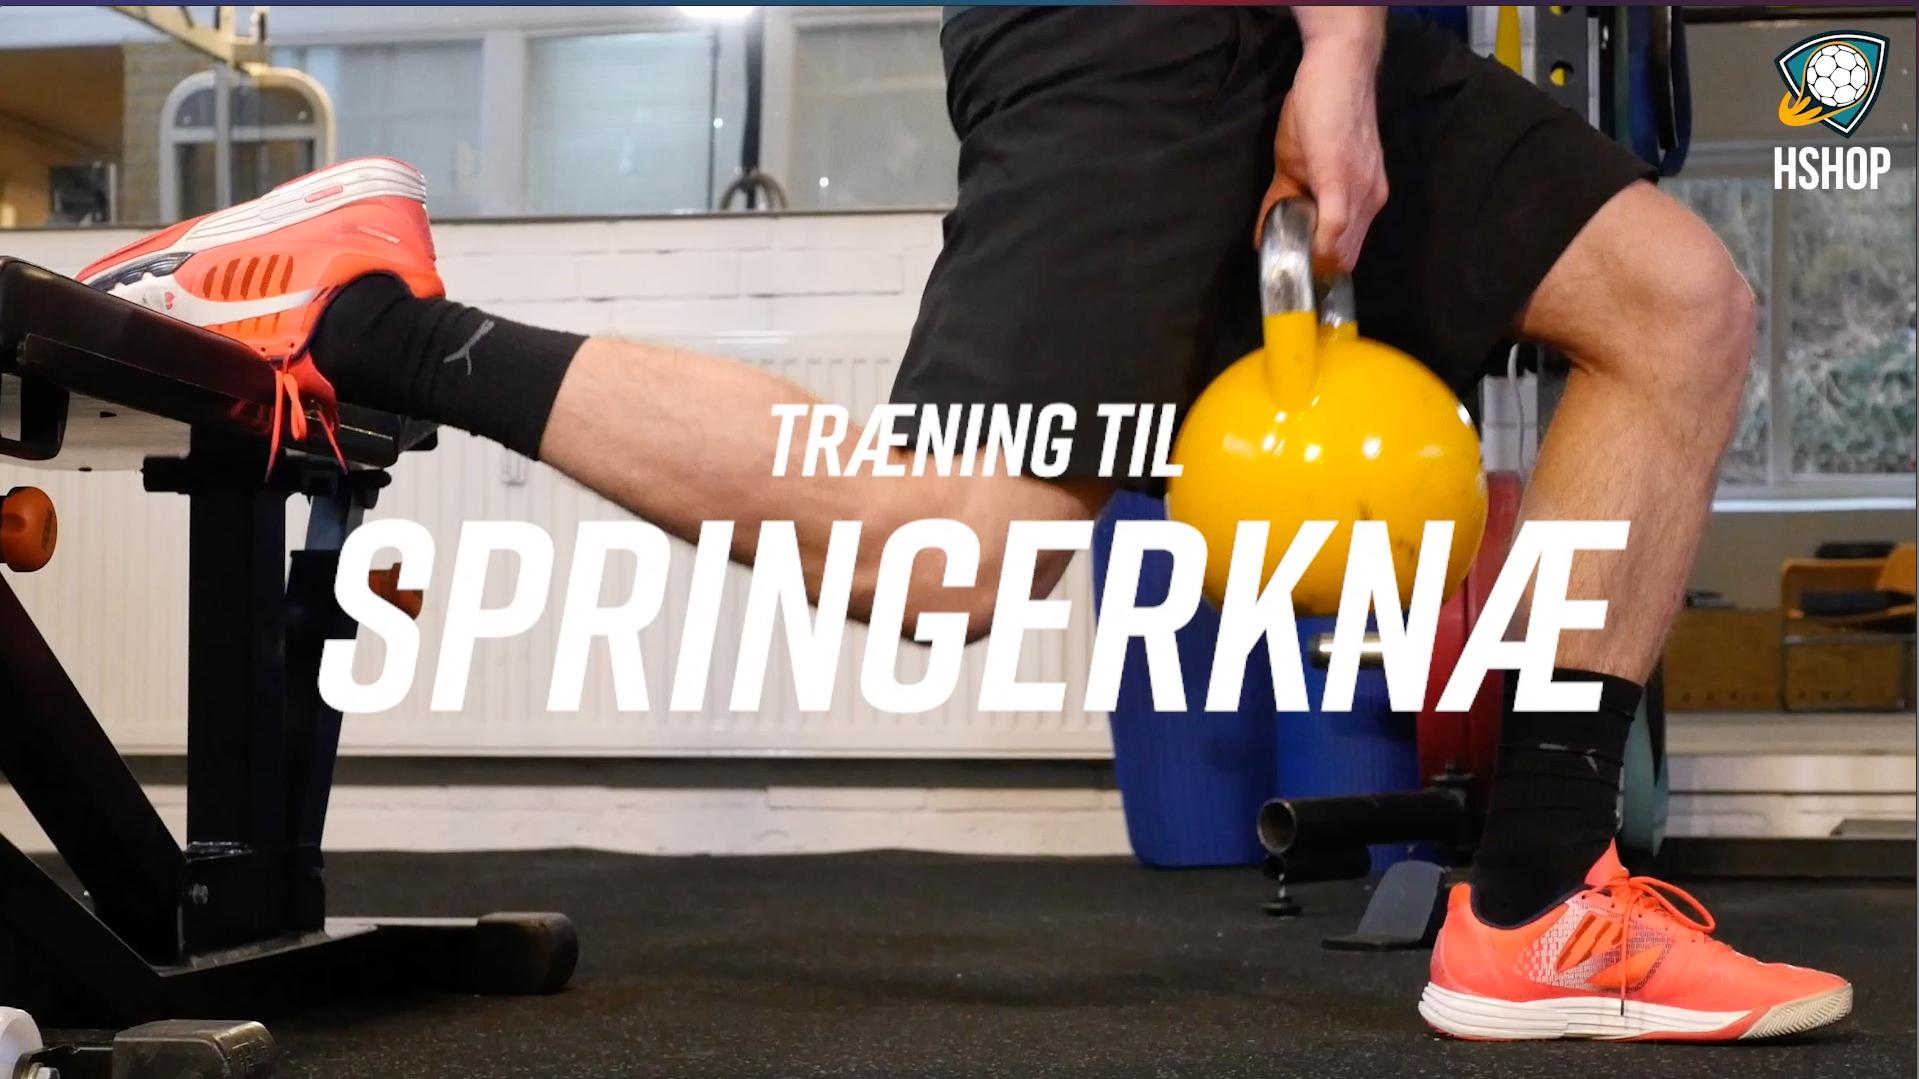 Træning til Springerknæ